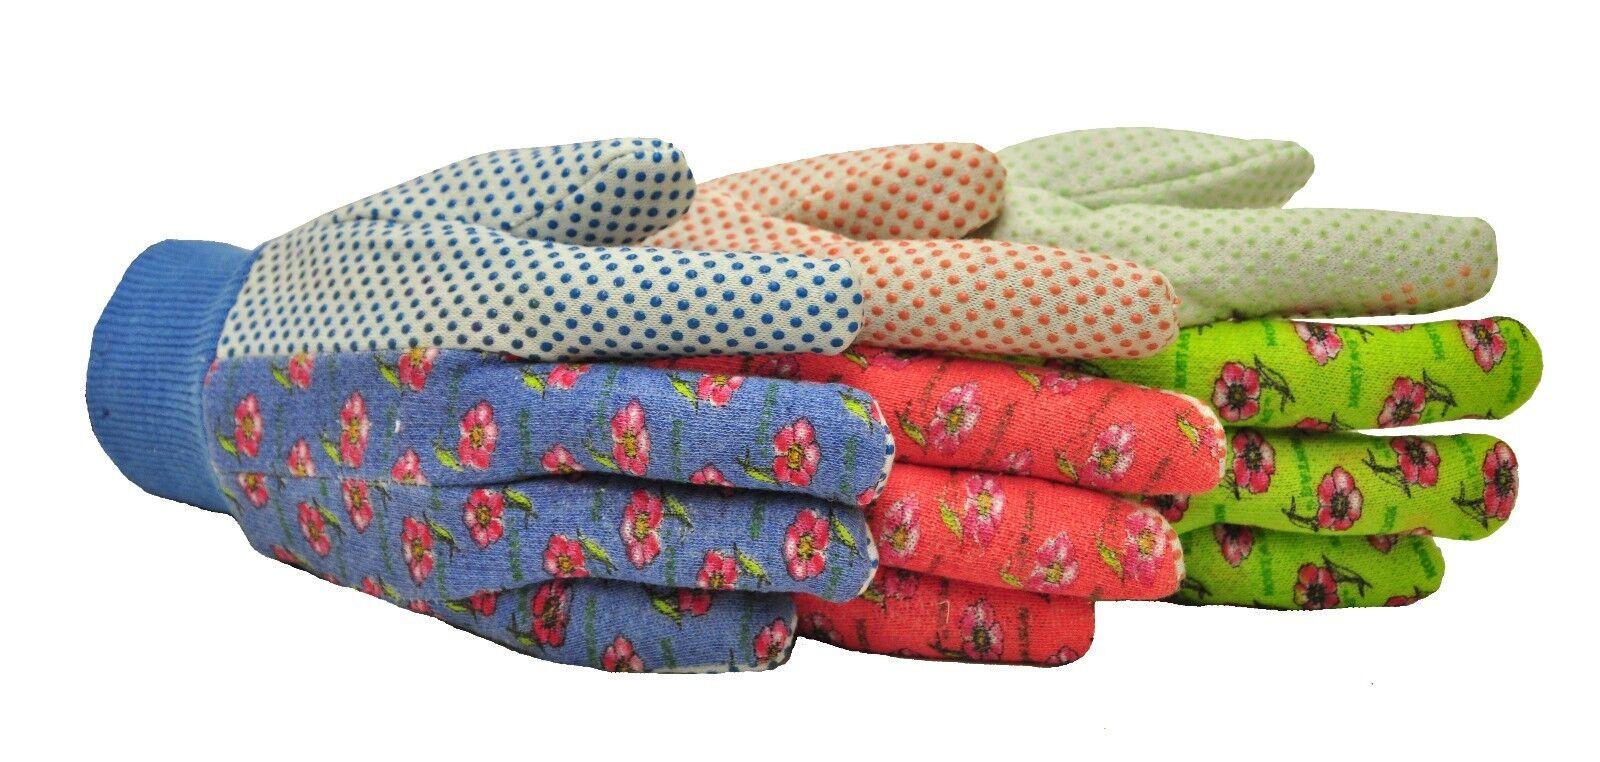 G & F 1852-3 Women Soft Jersey Garden Gloves, Green/Pink/Blue per Pack, 3-Pairs